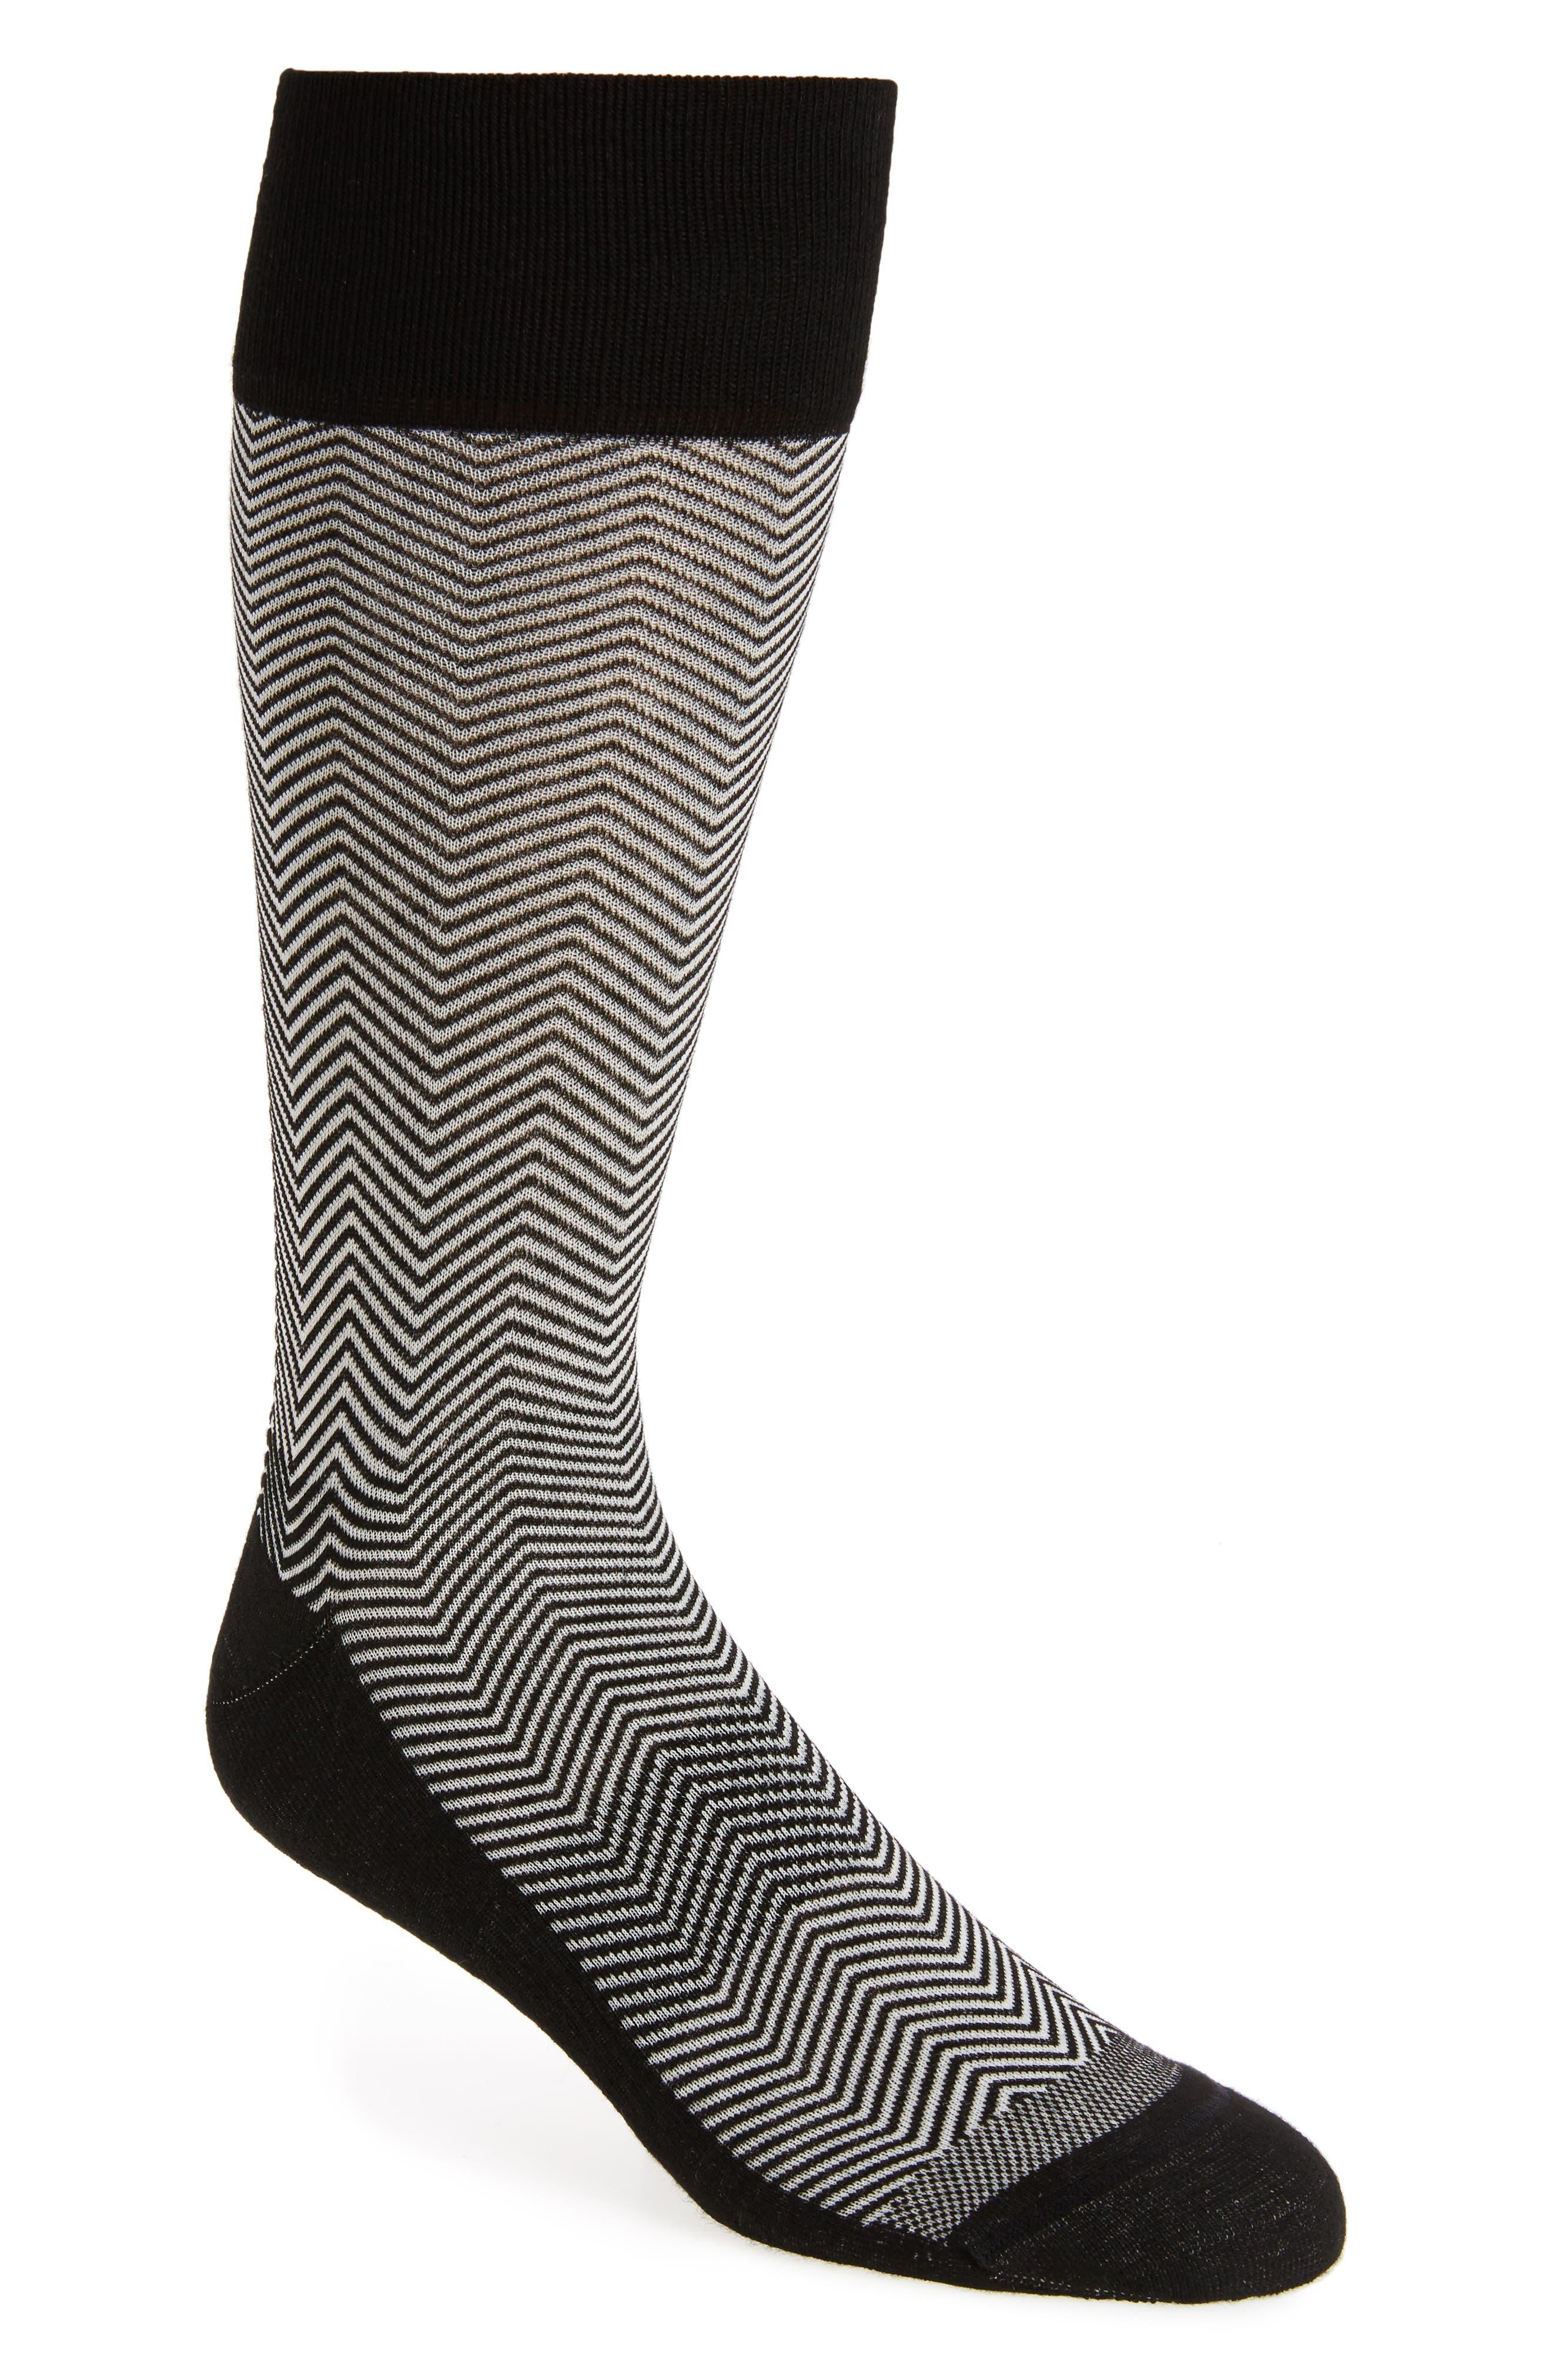 Chevron Socks,                             Main thumbnail 1, color,                             001